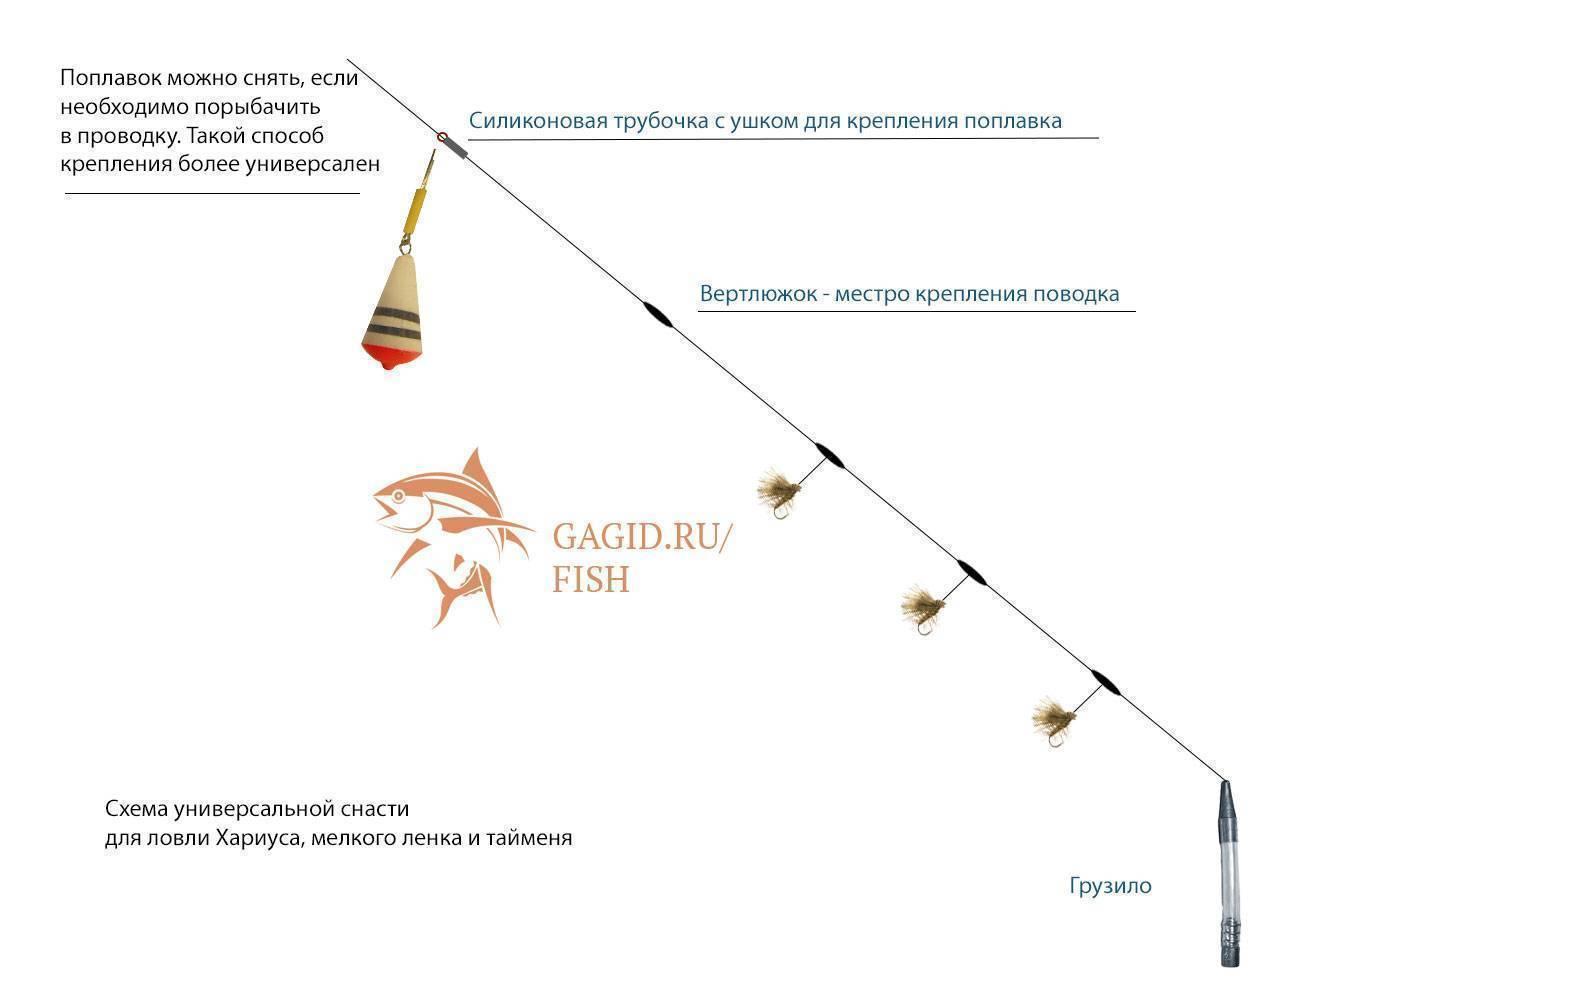 Ловля хариуса на бомбарду с мушкой: виды, особенности и изготовление